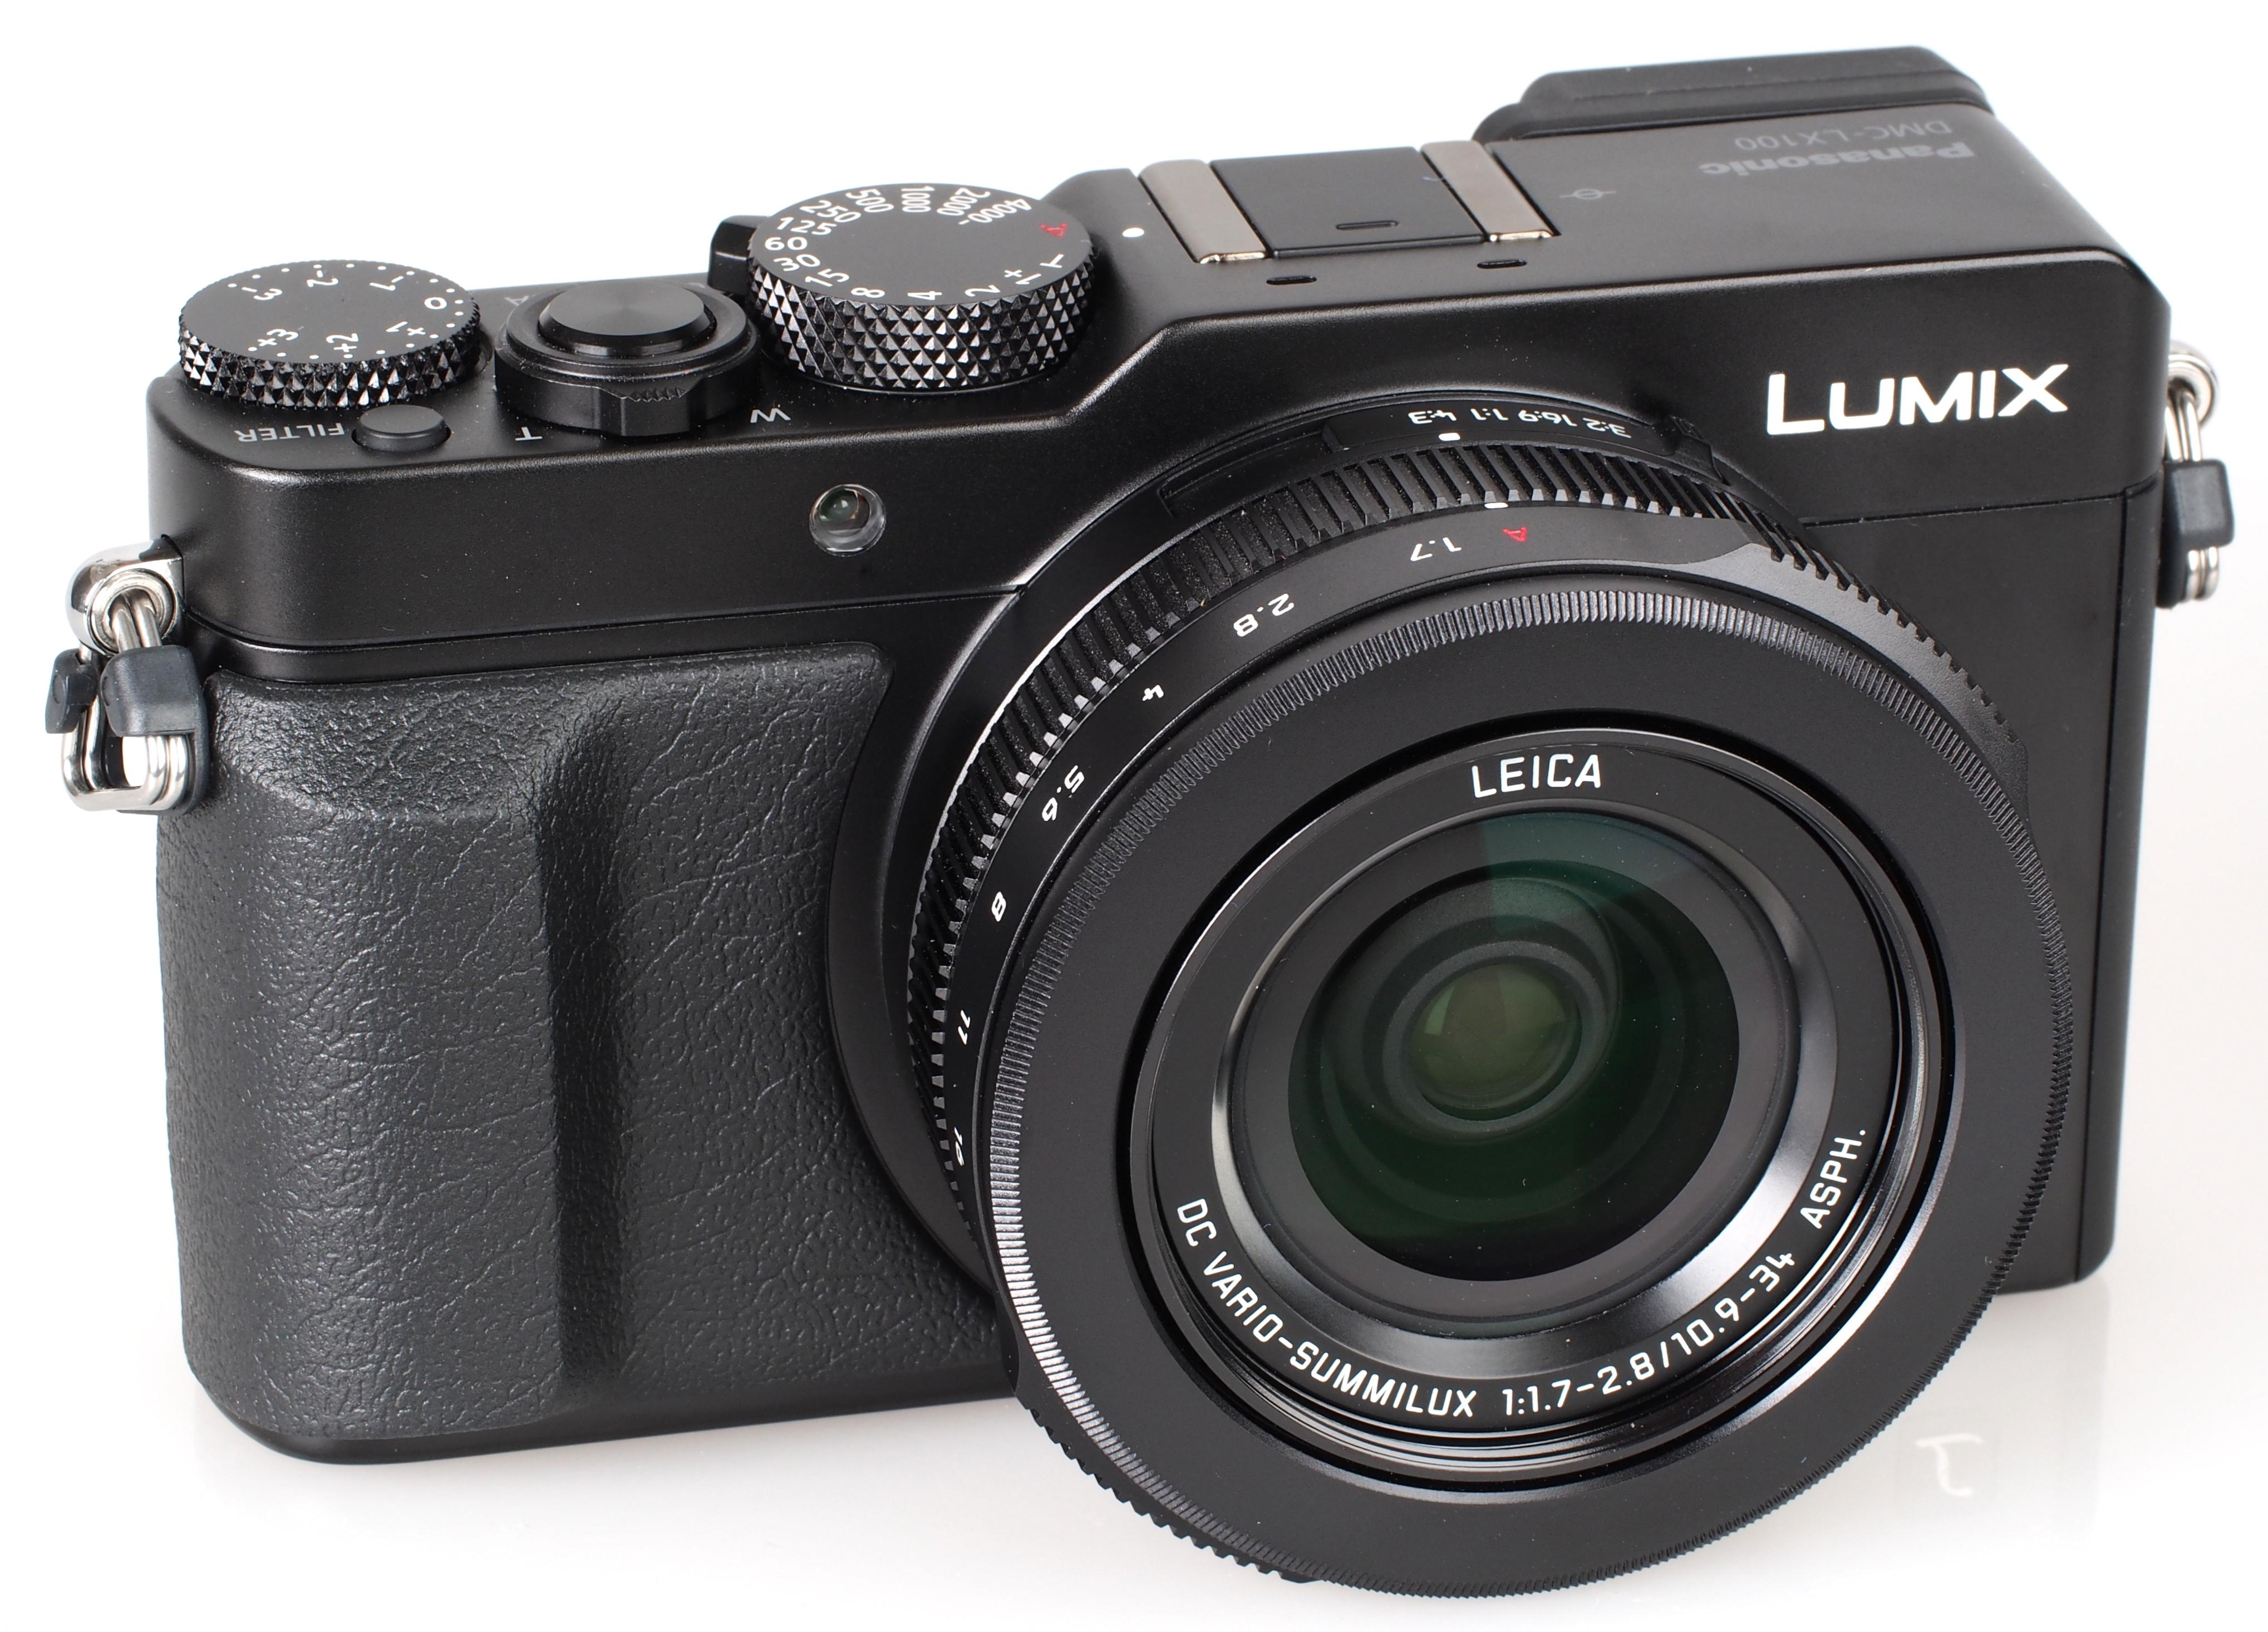 Panasonic Lumix DMC-LX100 Sample Photos